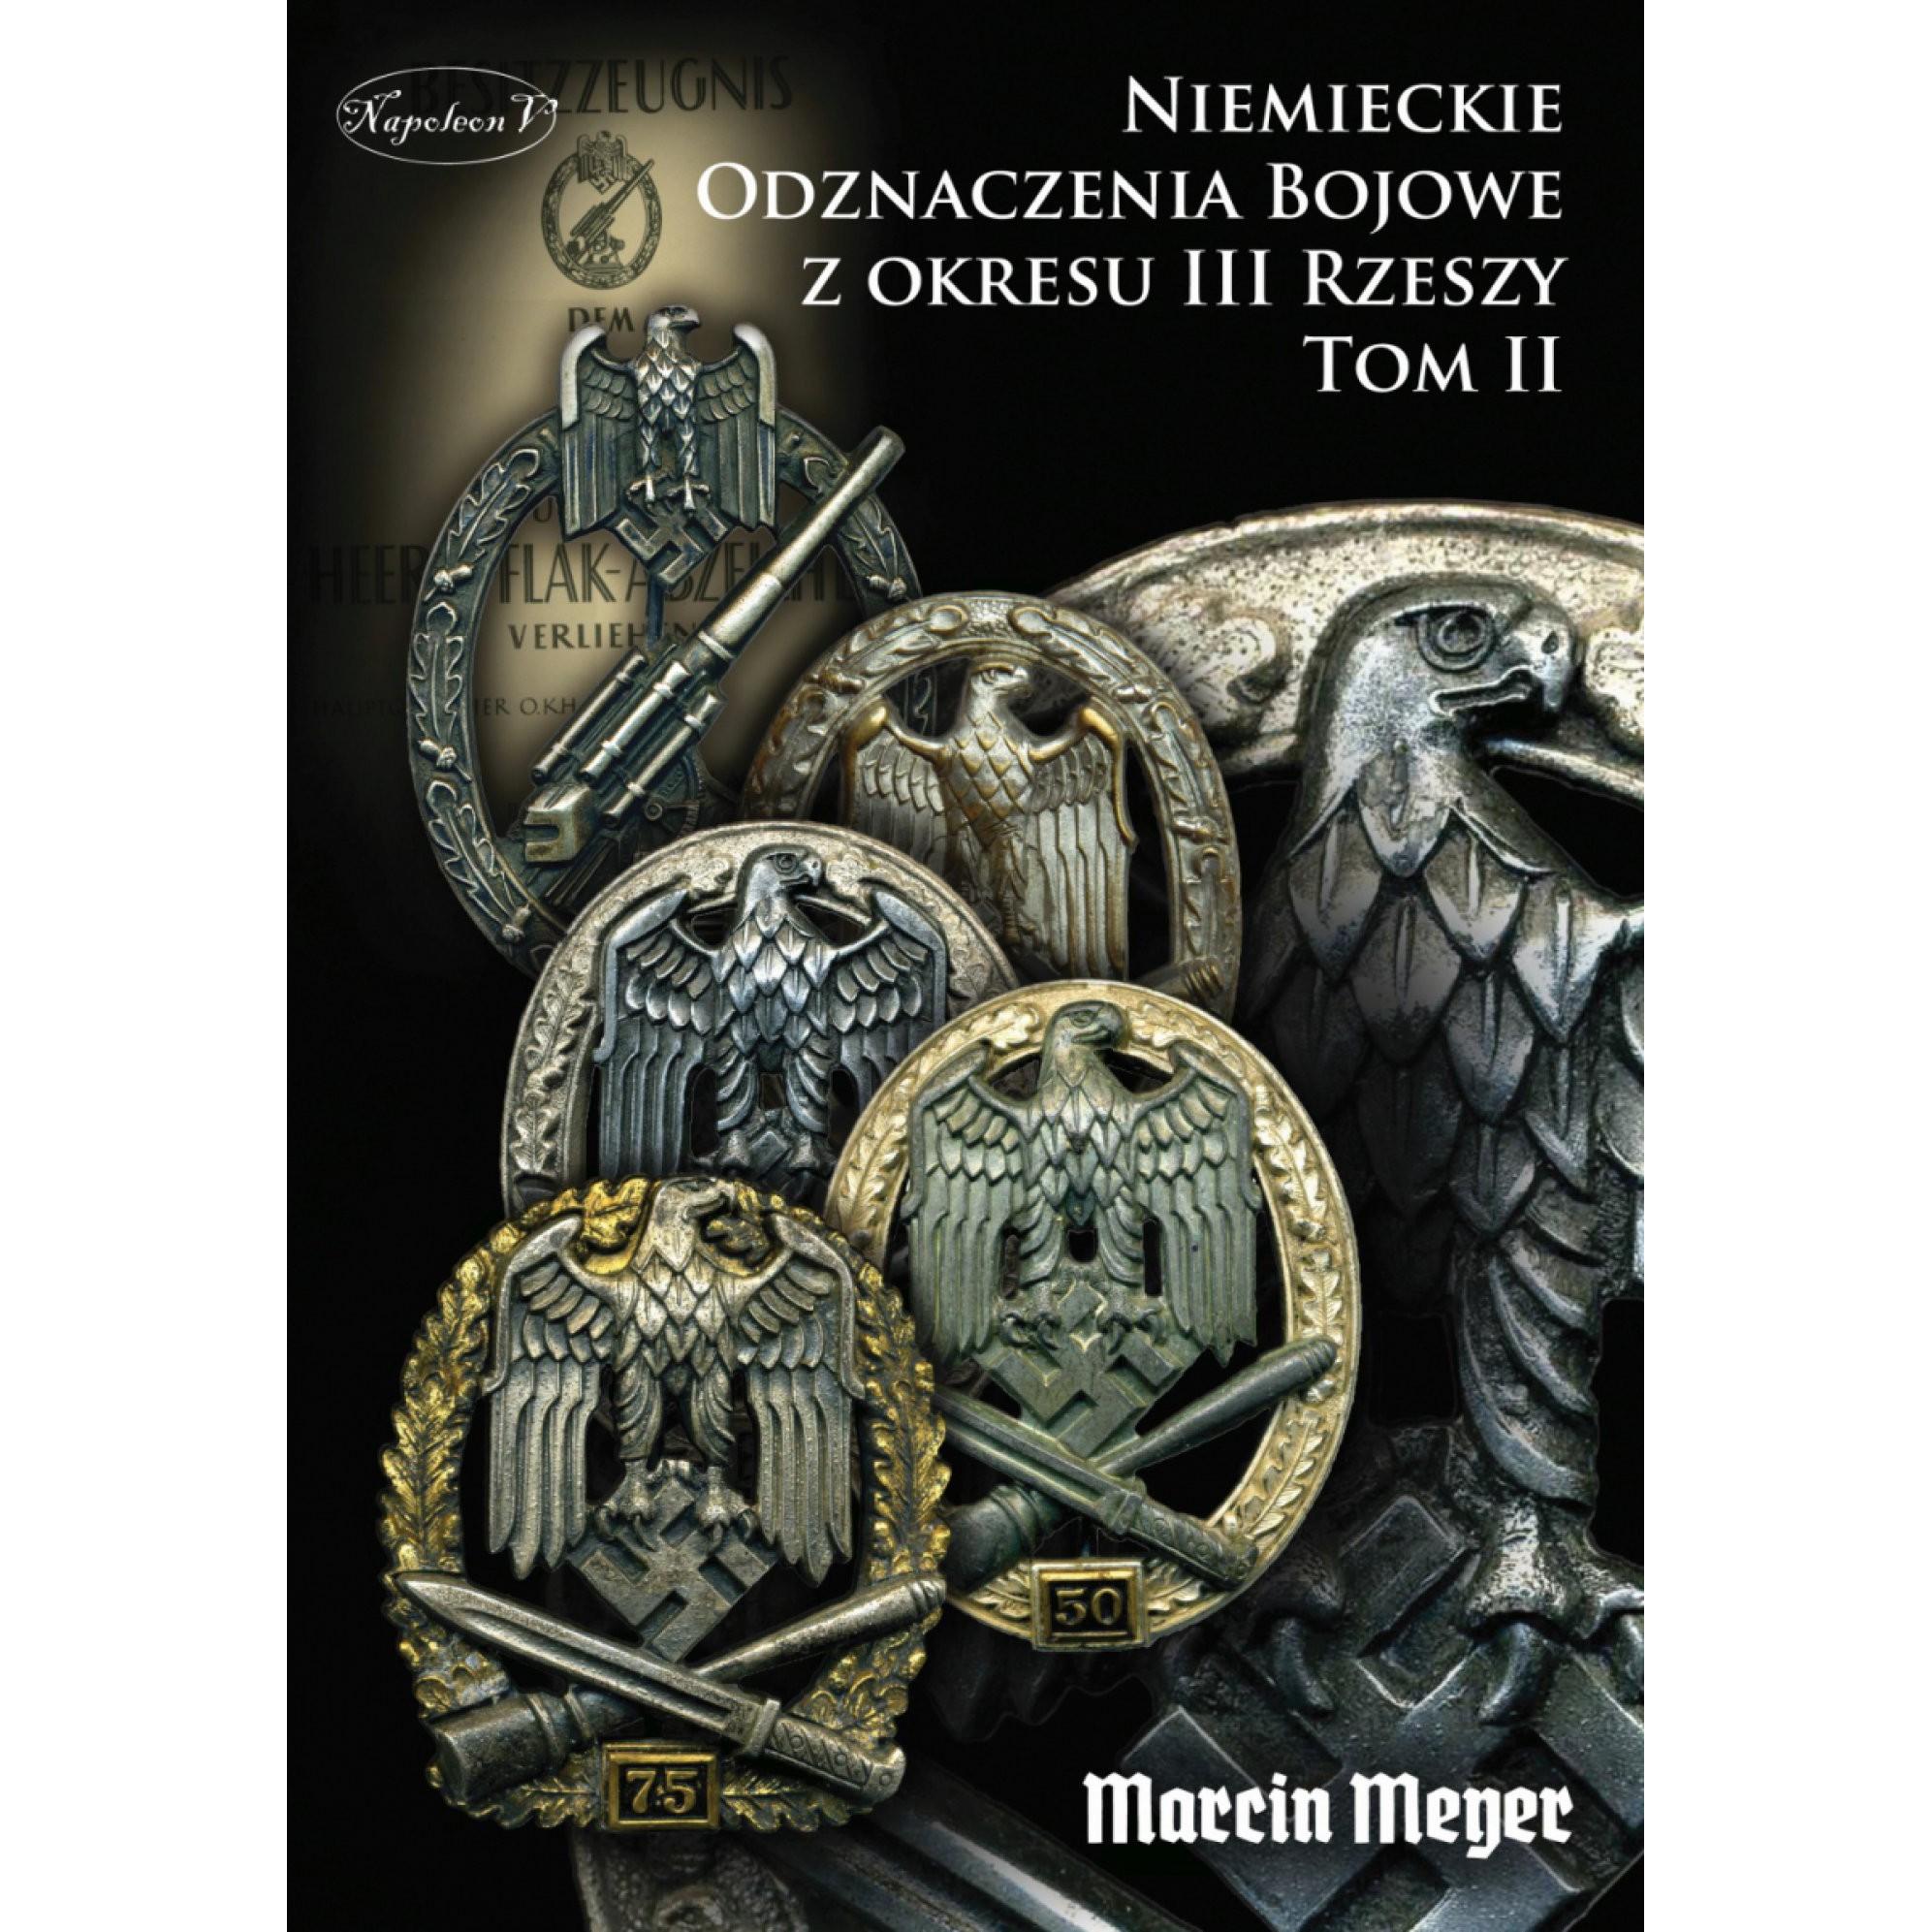 Niemieckie Odznaczenia Bojowe z okresu III Rzeszy tom II - Outlet